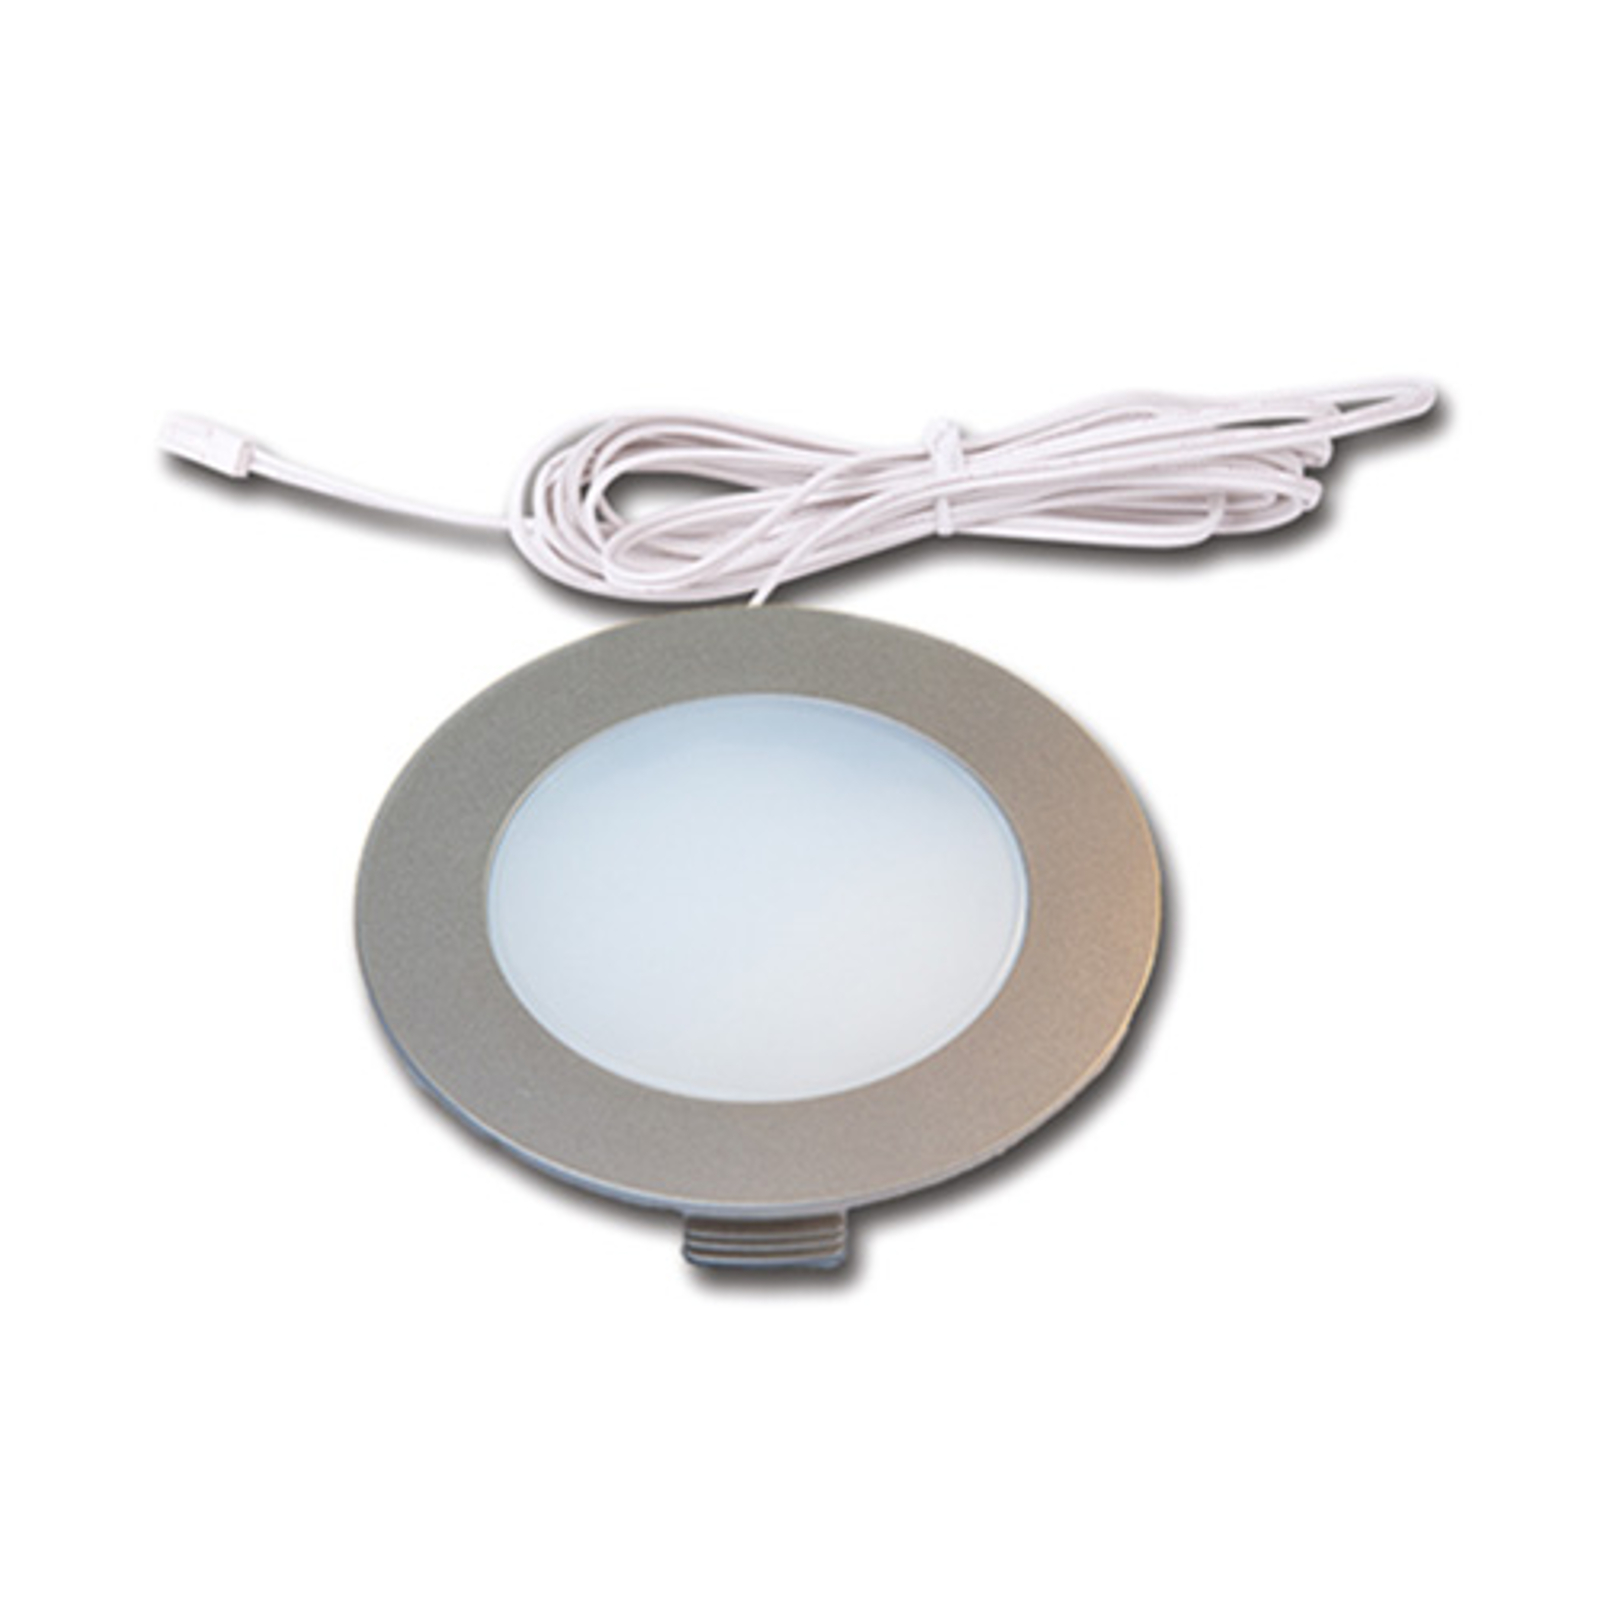 LED incasso FR 78 set 3x bianco caldo